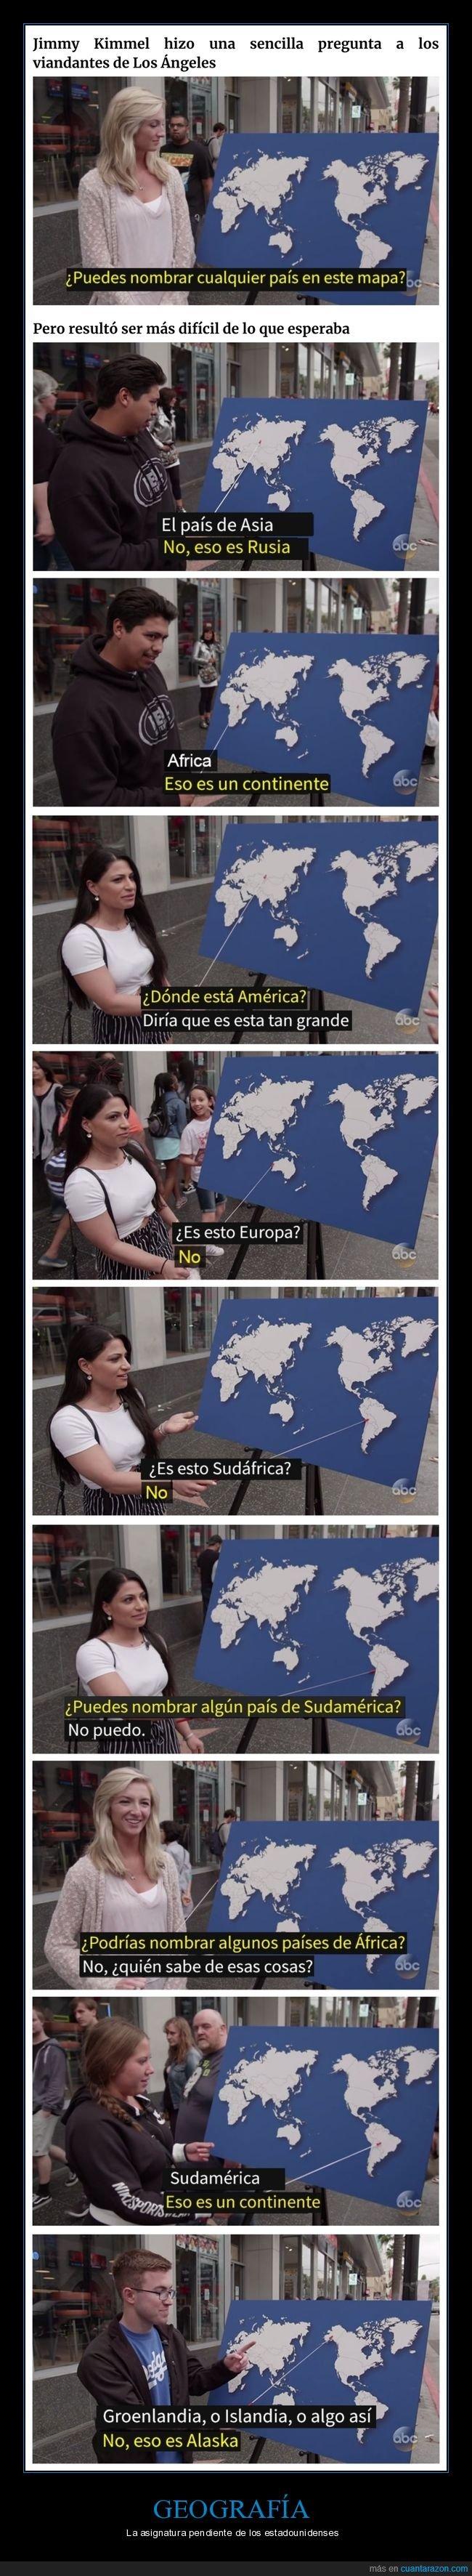 estadounidenses,fails,geografía,países